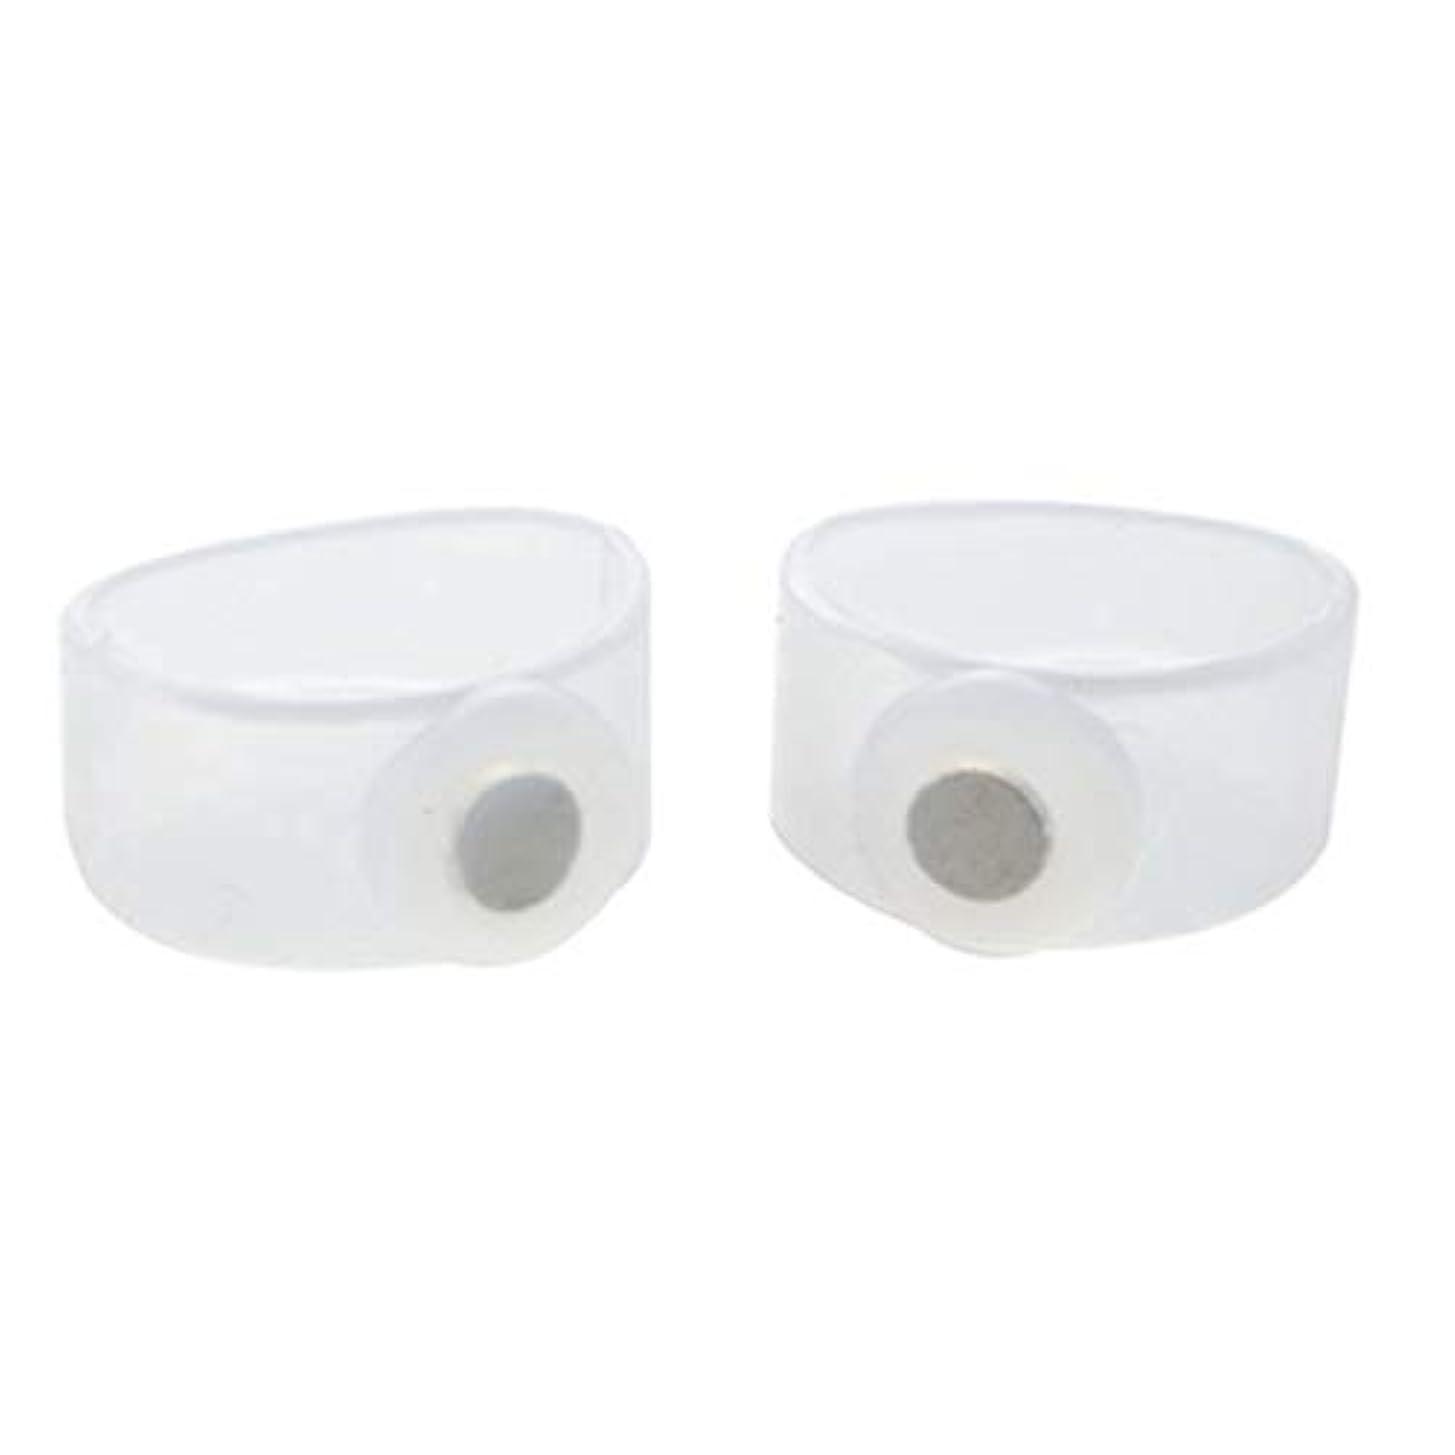 比類なき切る二層Birdlantern 2ピース痩身シリコン磁気フットマッサージャーマッサージリラックスつま先リング用減量ヘルスケアツール美容製品